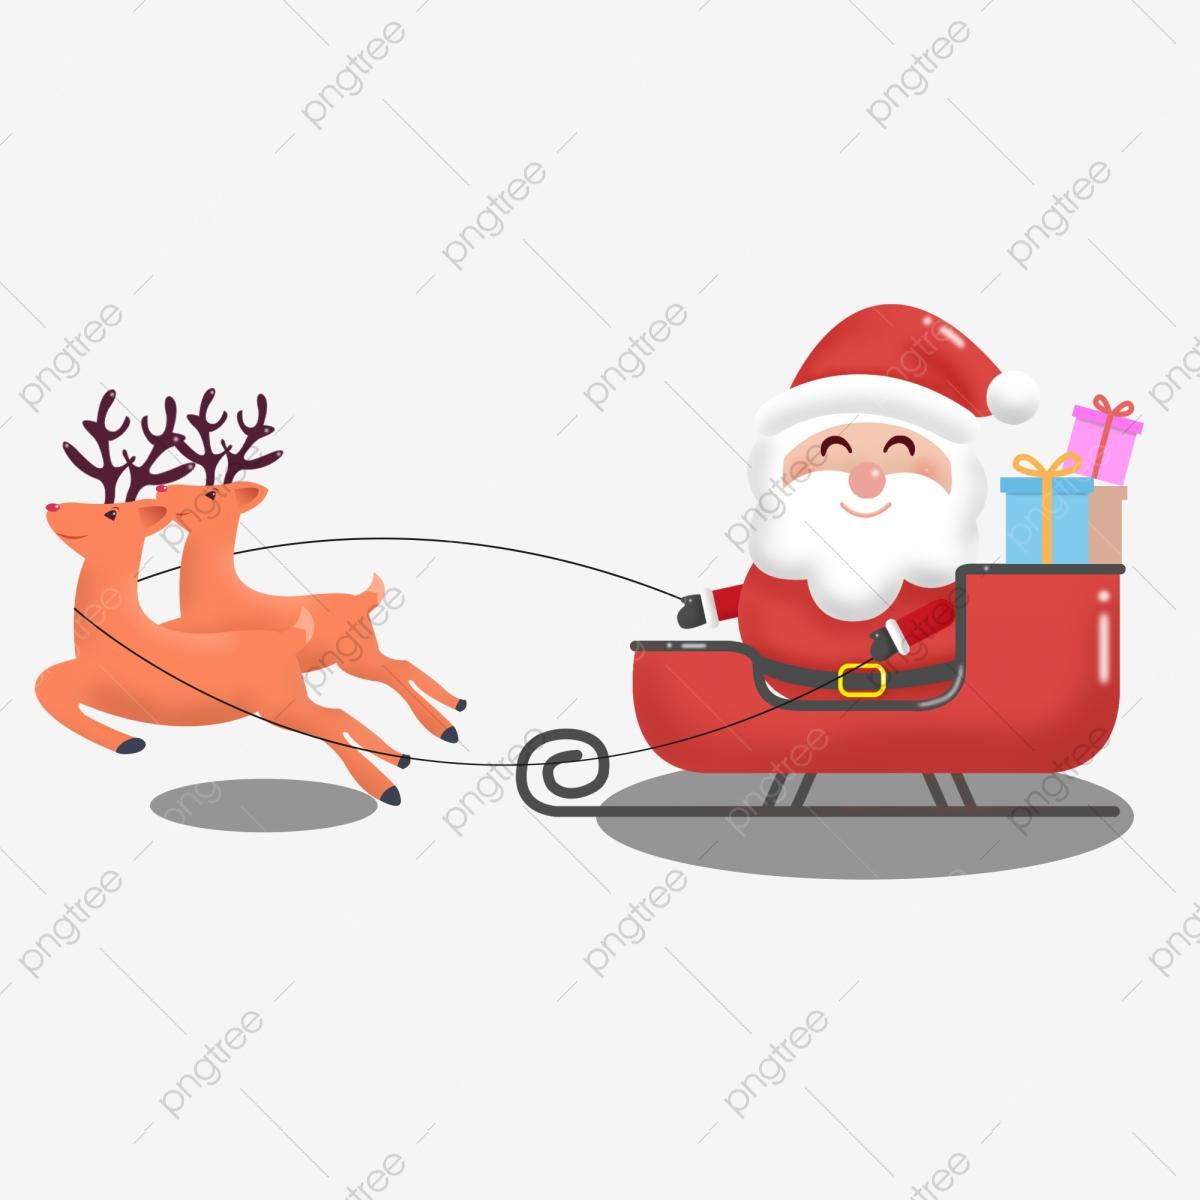 Le Traîneau Du Père Noël, Le Traîneau Du Père Noël, Arbre De intérieur Image De Traineau Du Pere Noel